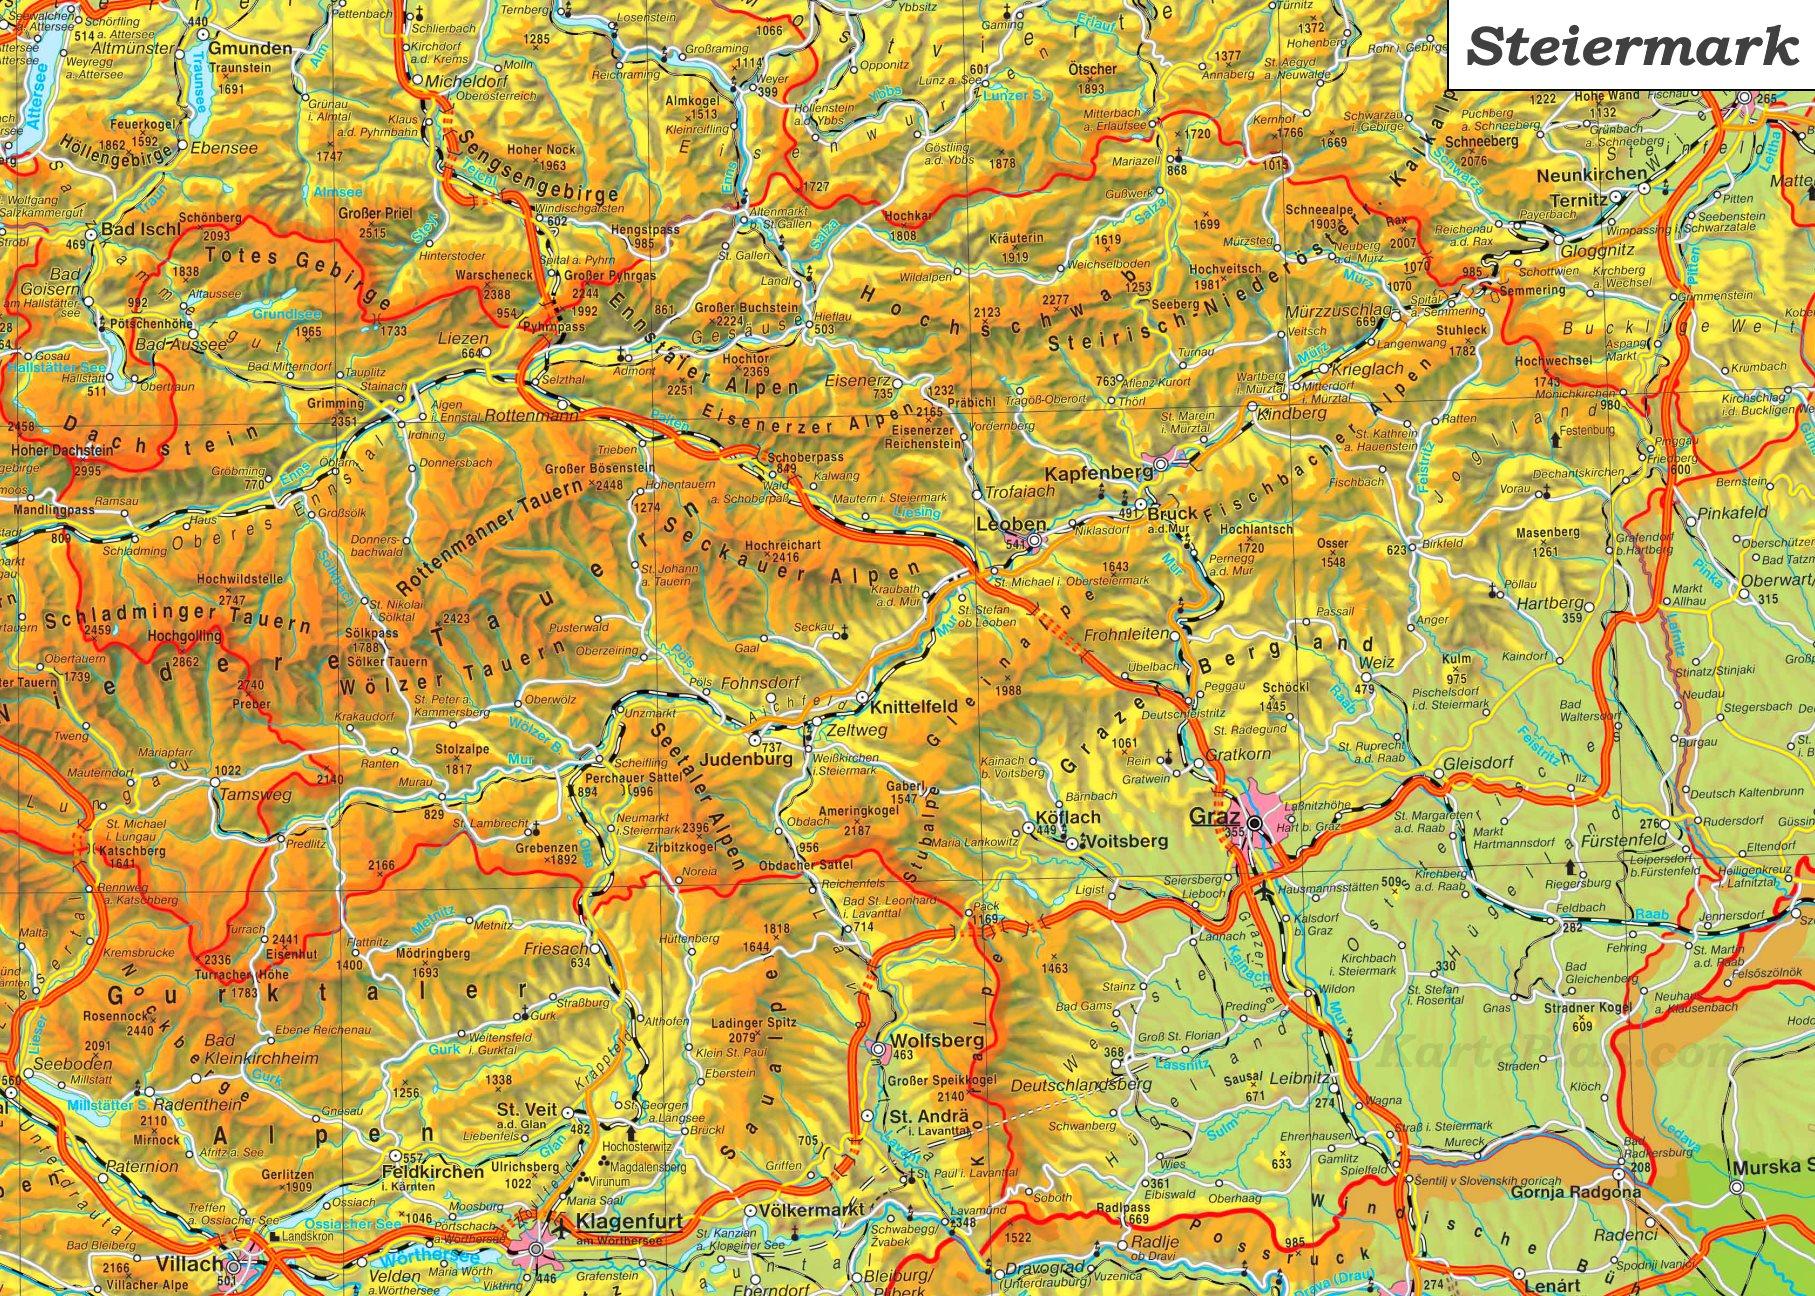 Steiermark Karte Flüsse.Detaillierte Karte Von Steiermark